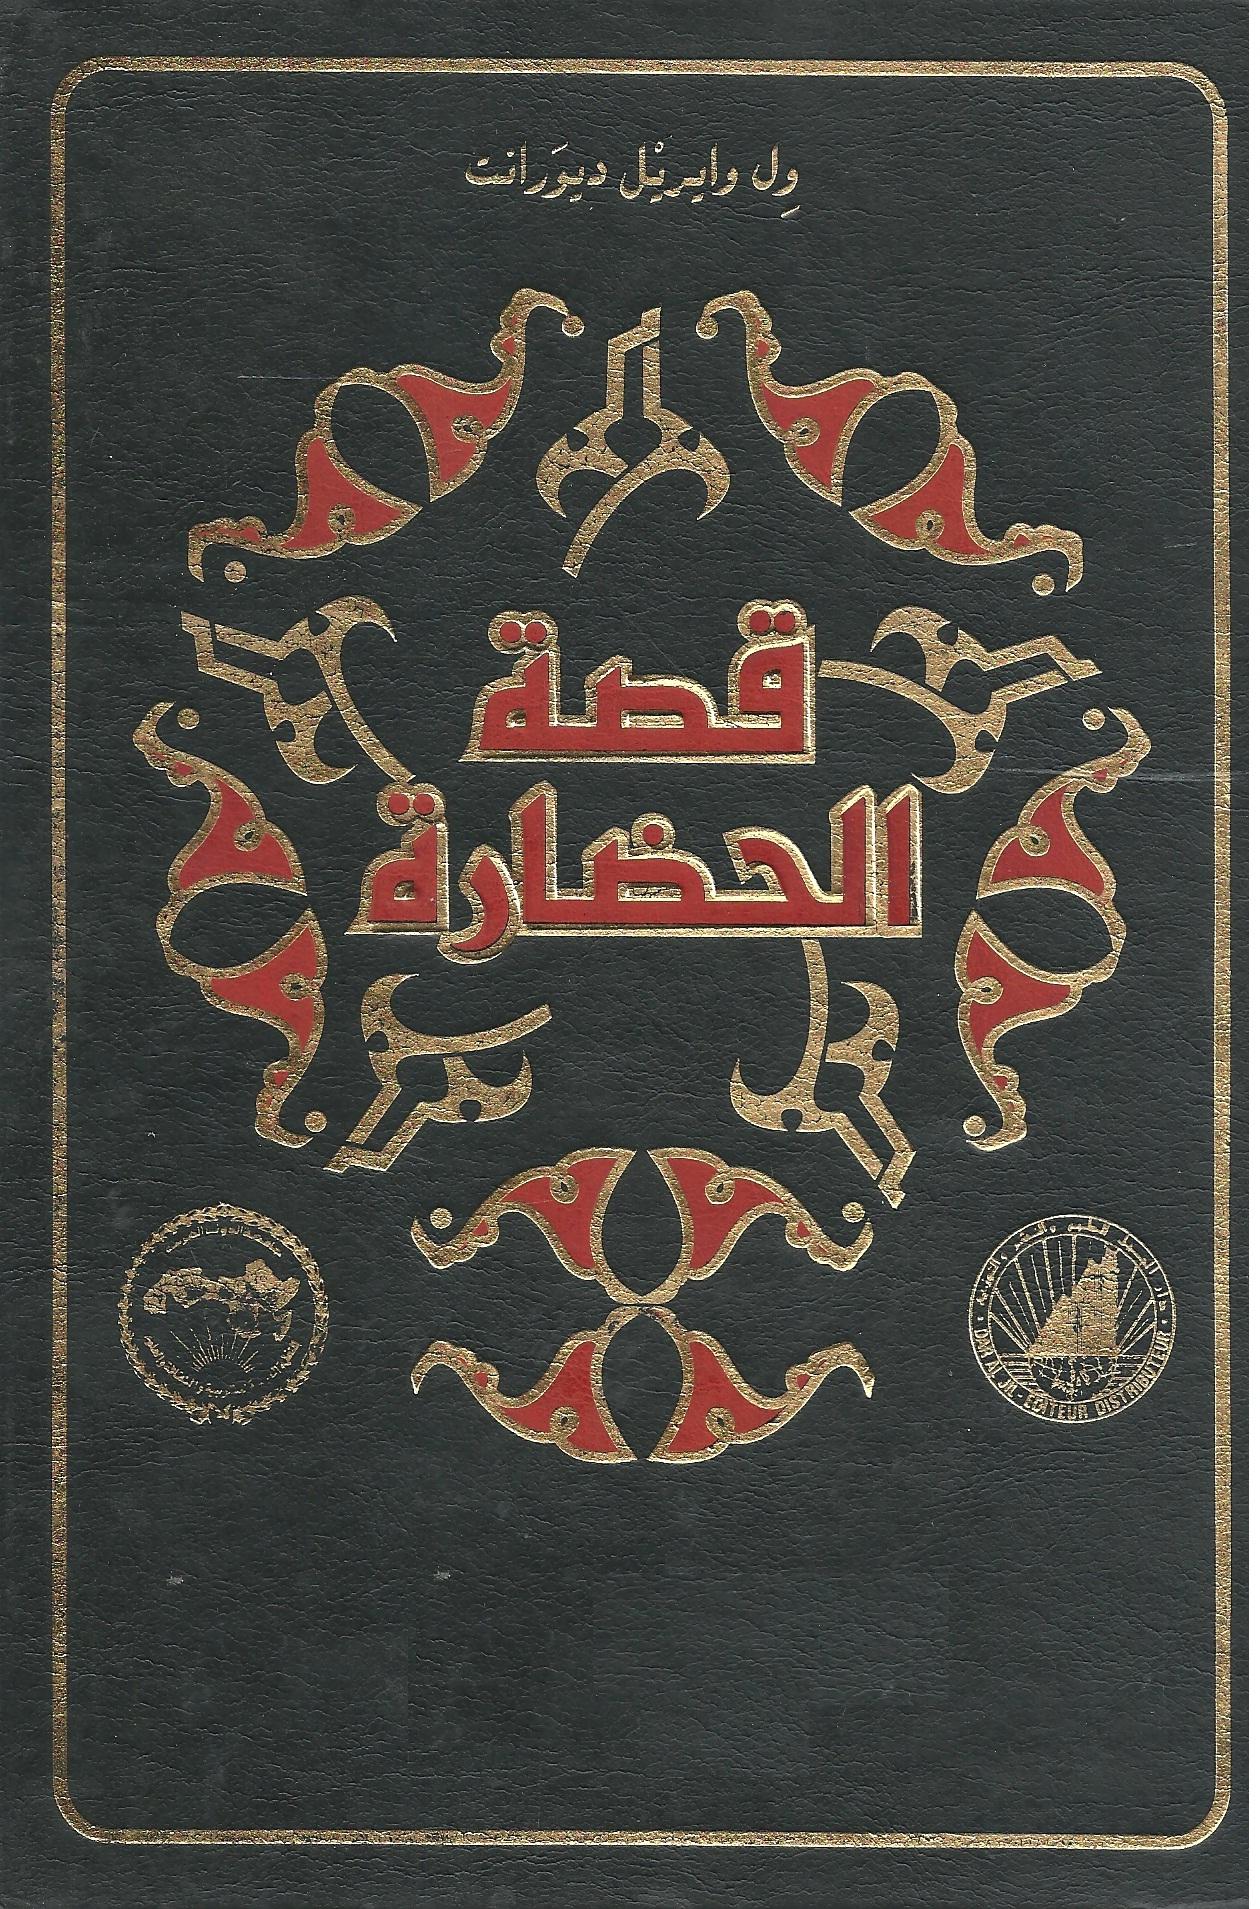 صورة عن كتاب الحضارة